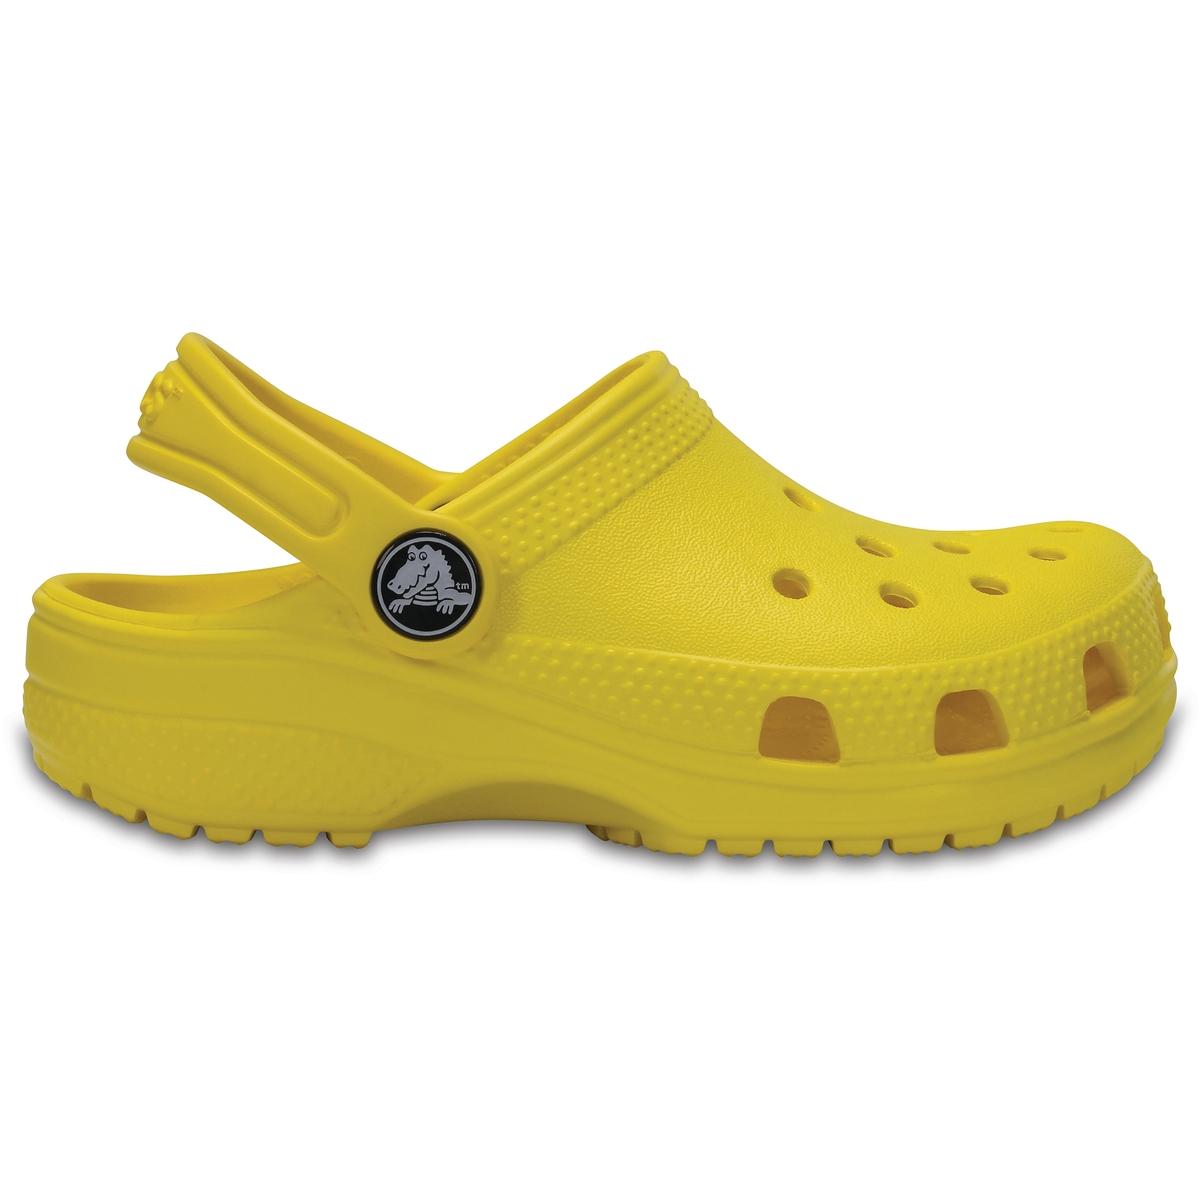 Сабо Classic Clog KidsОписание:Детали •  Сабо •  Высота каблука : 1,5 см •  Застежка : ремешок/пряжка •  Круглый мысок •  Гладкая отделкаСостав и уход •  Верх/Голенище : 100% синтетический материал •  Подошва : 100% синтетический материал<br><br>Цвет: желтый,светло-зеленый,темно-синий<br>Размер: 32/33.34/35.24/25.32/33